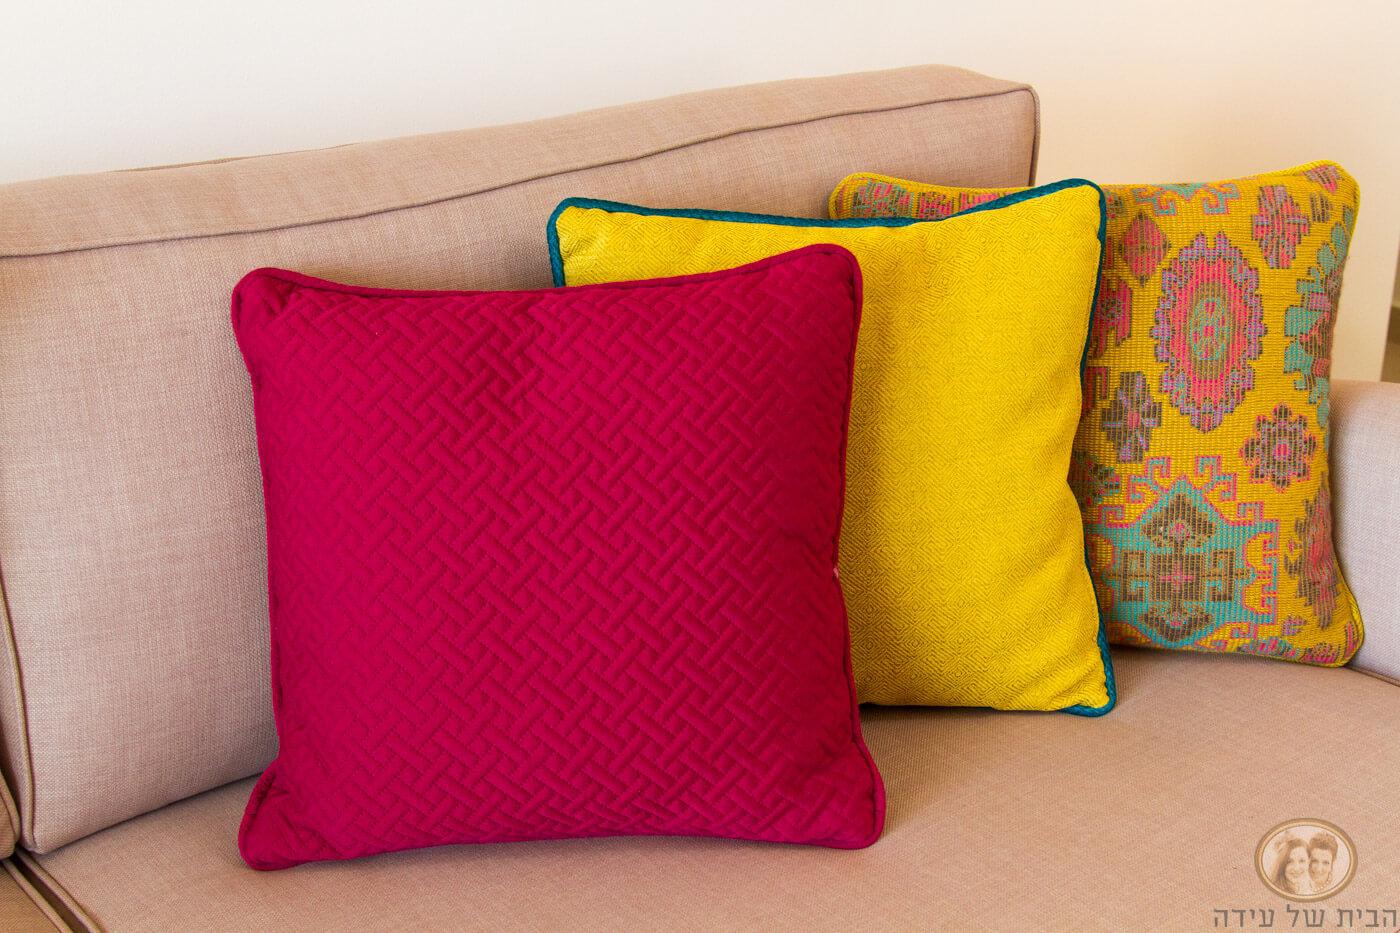 כריות נוי צבעוניות לספה